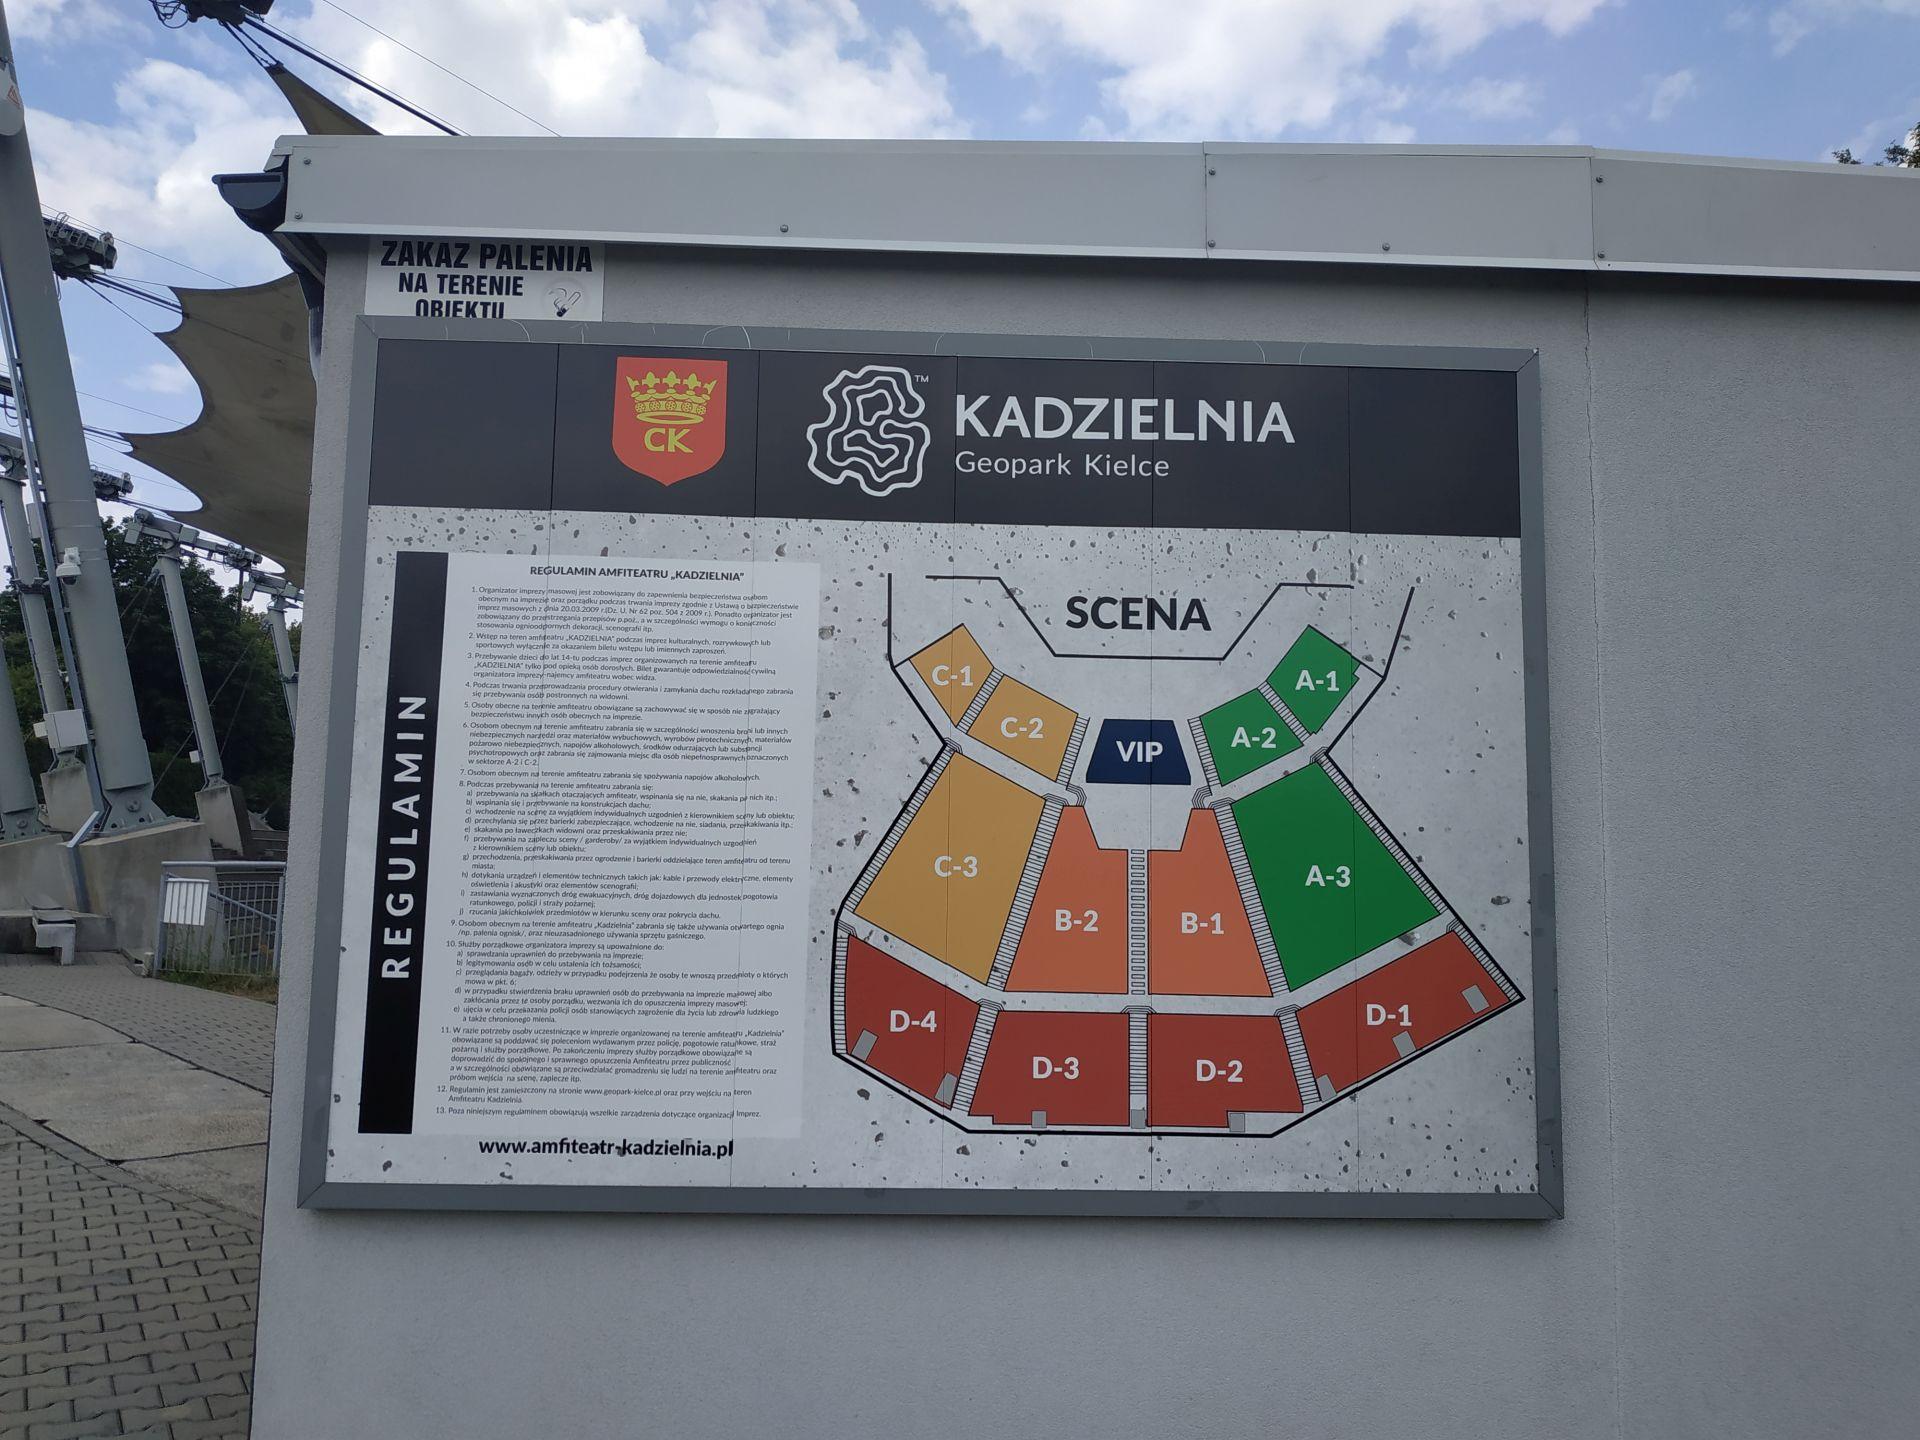 Tablica Informacyjna Sektory Amfiteatr Kadzielnia